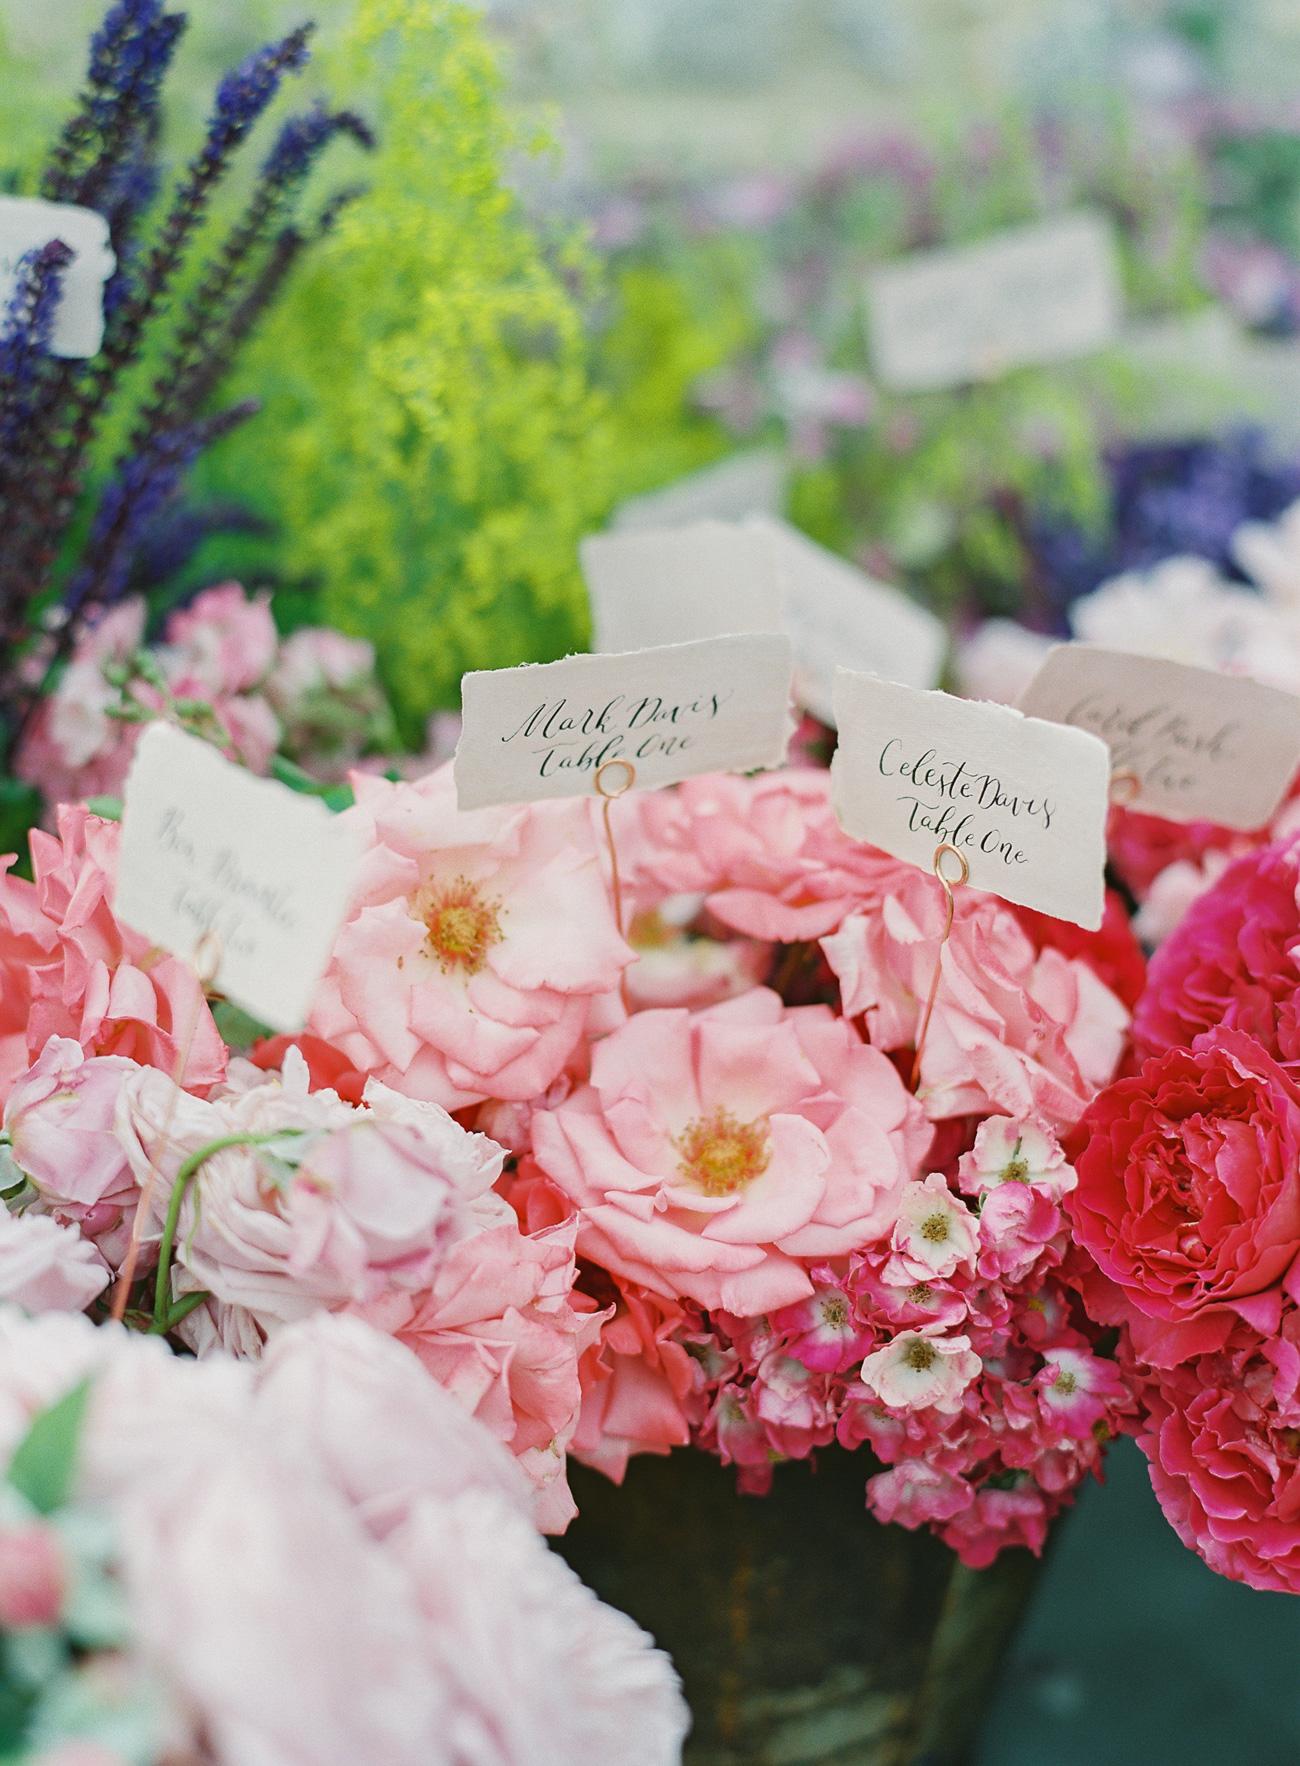 escort cards among floral arrangements